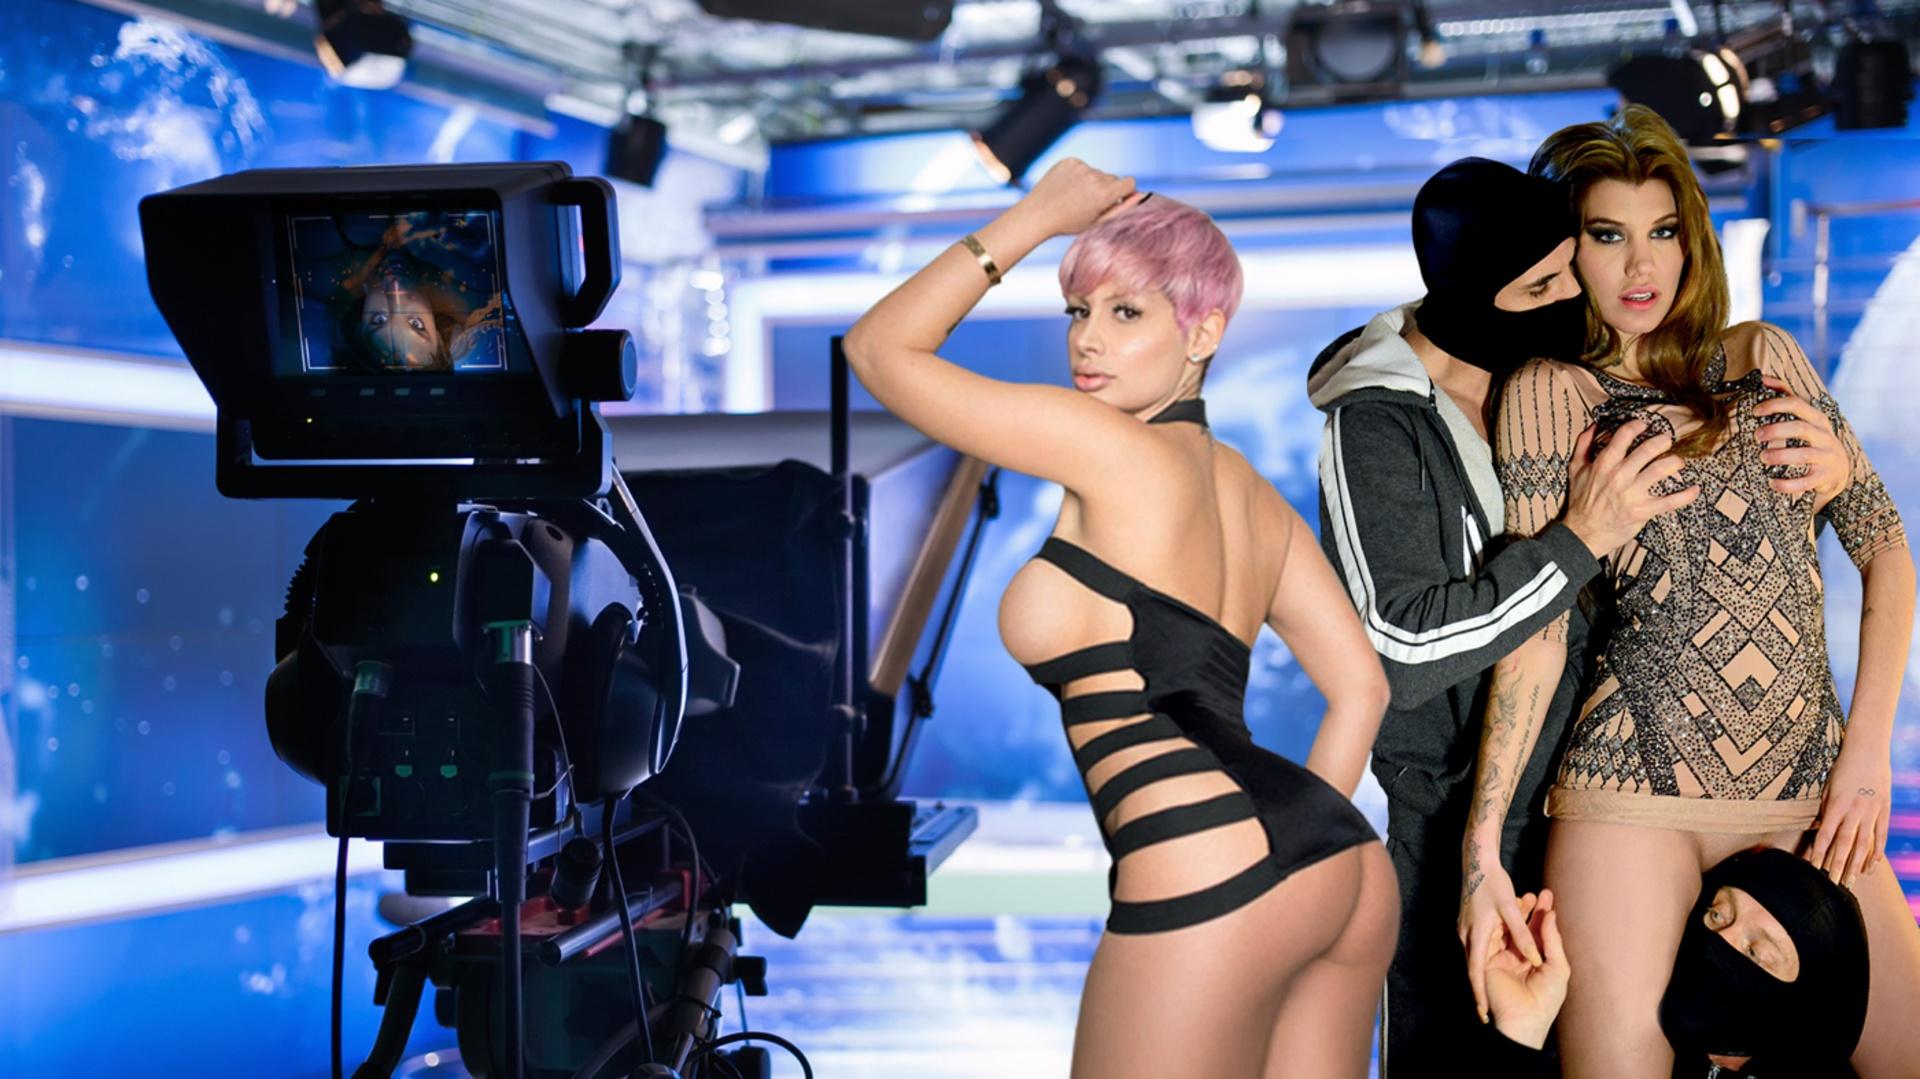 Punishing the TV hostess